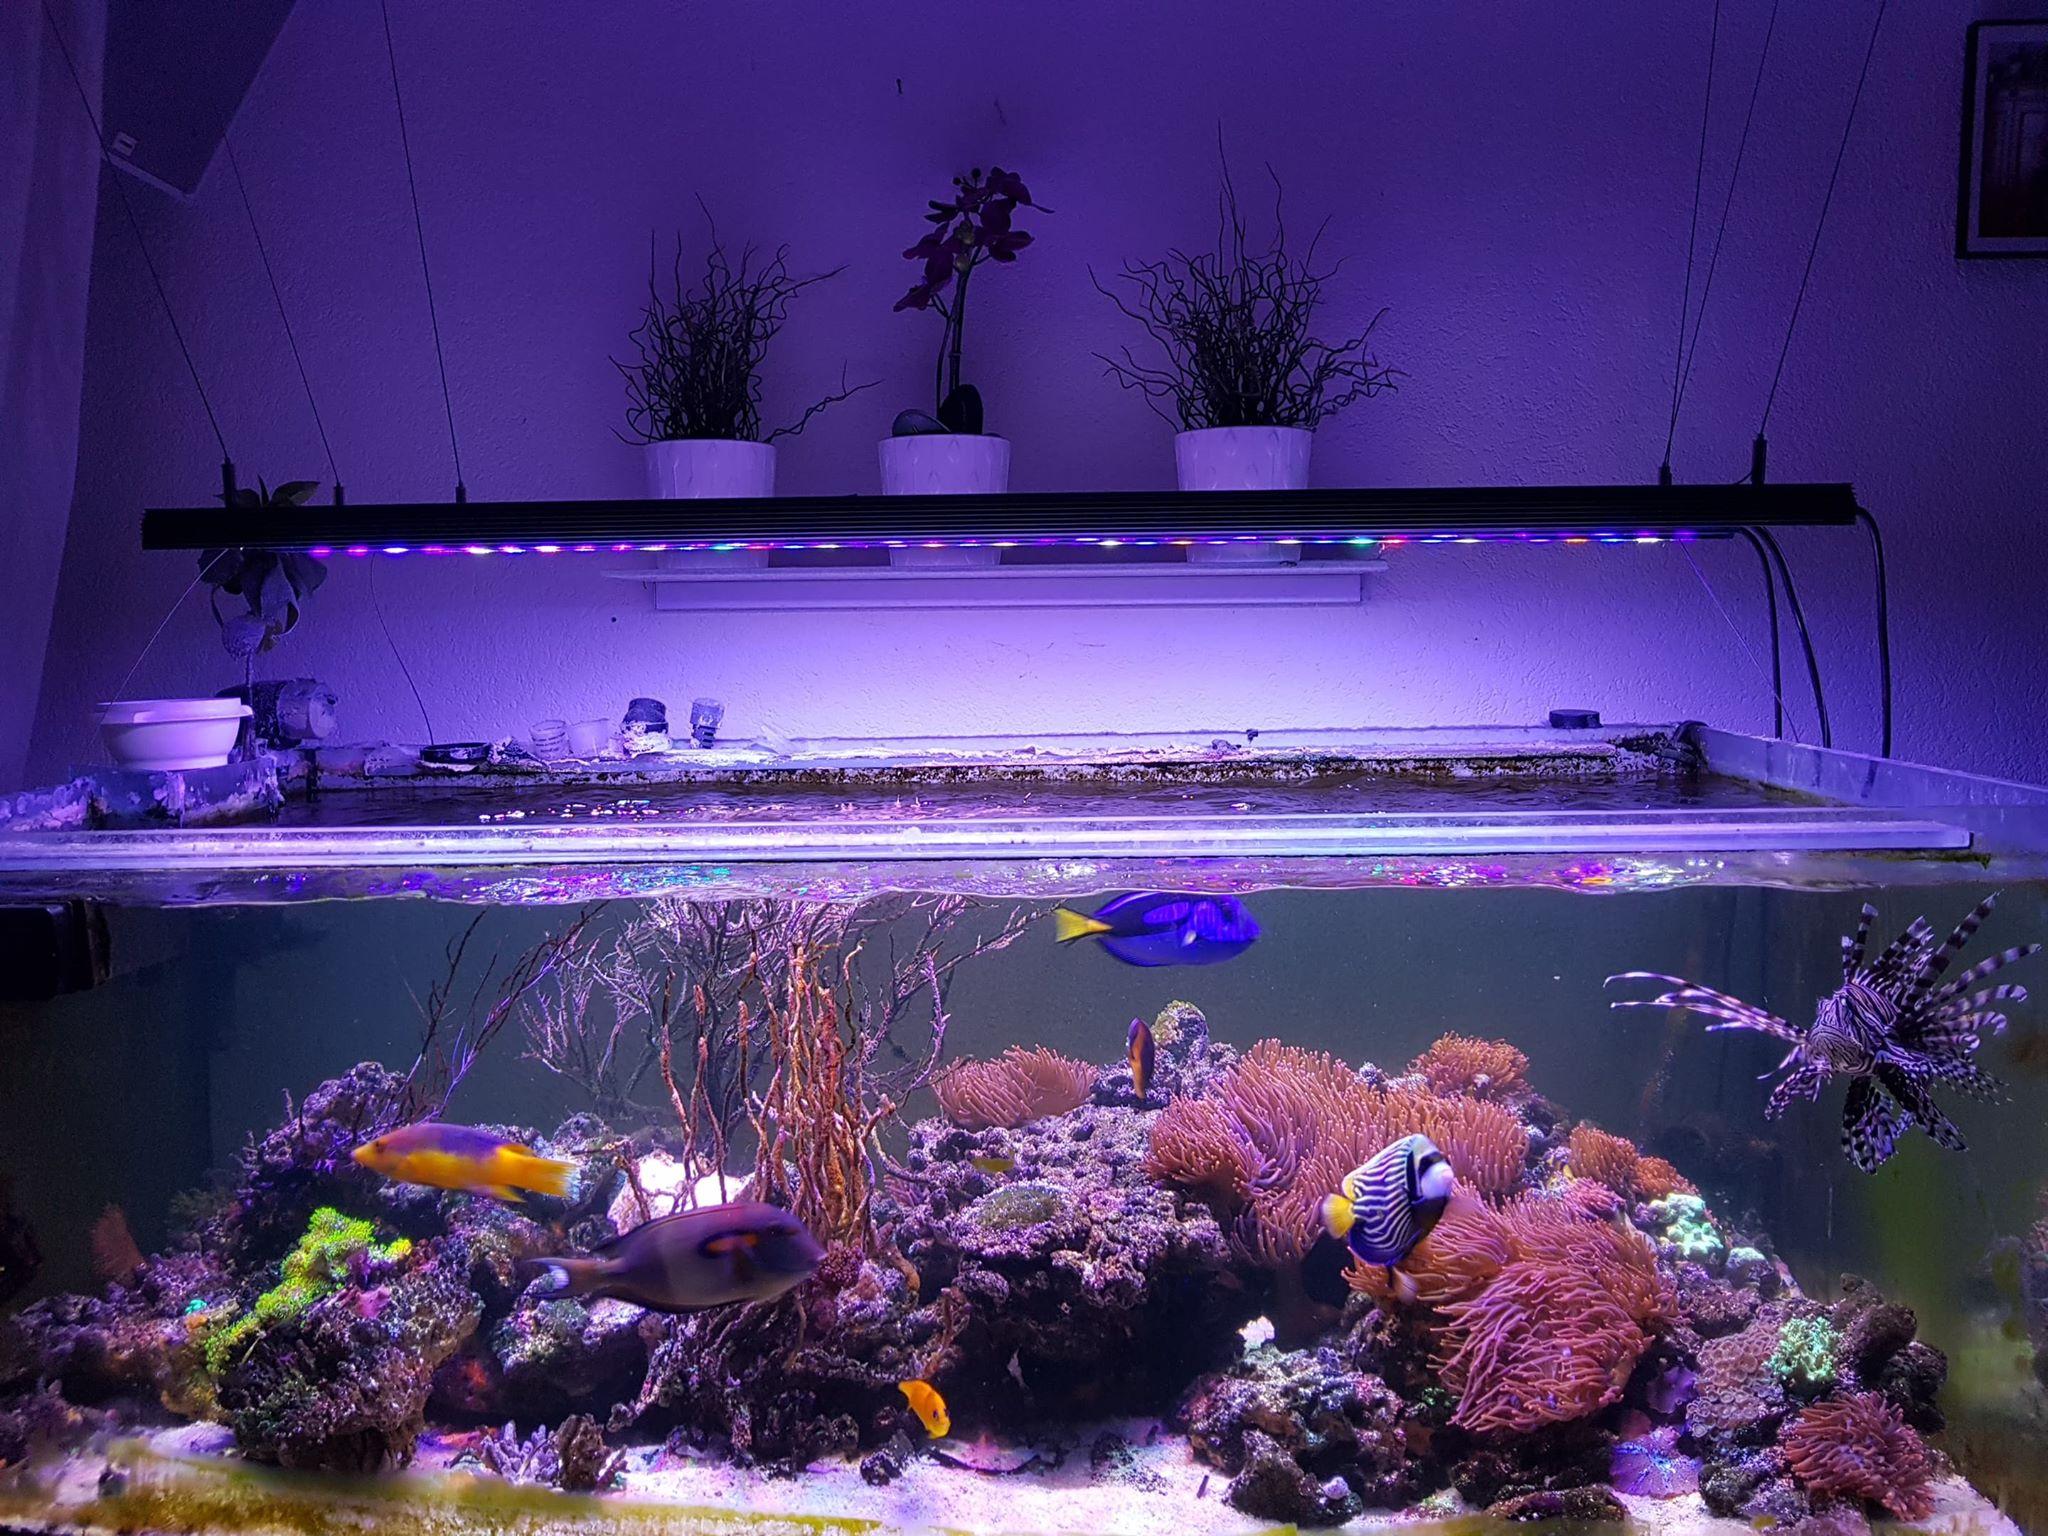 Aquarium Beleuchtung T5 Oder Led | Oder 120 90 60 Bar Led Beleuchtung Orphek Aquarium Led Beleuchtung